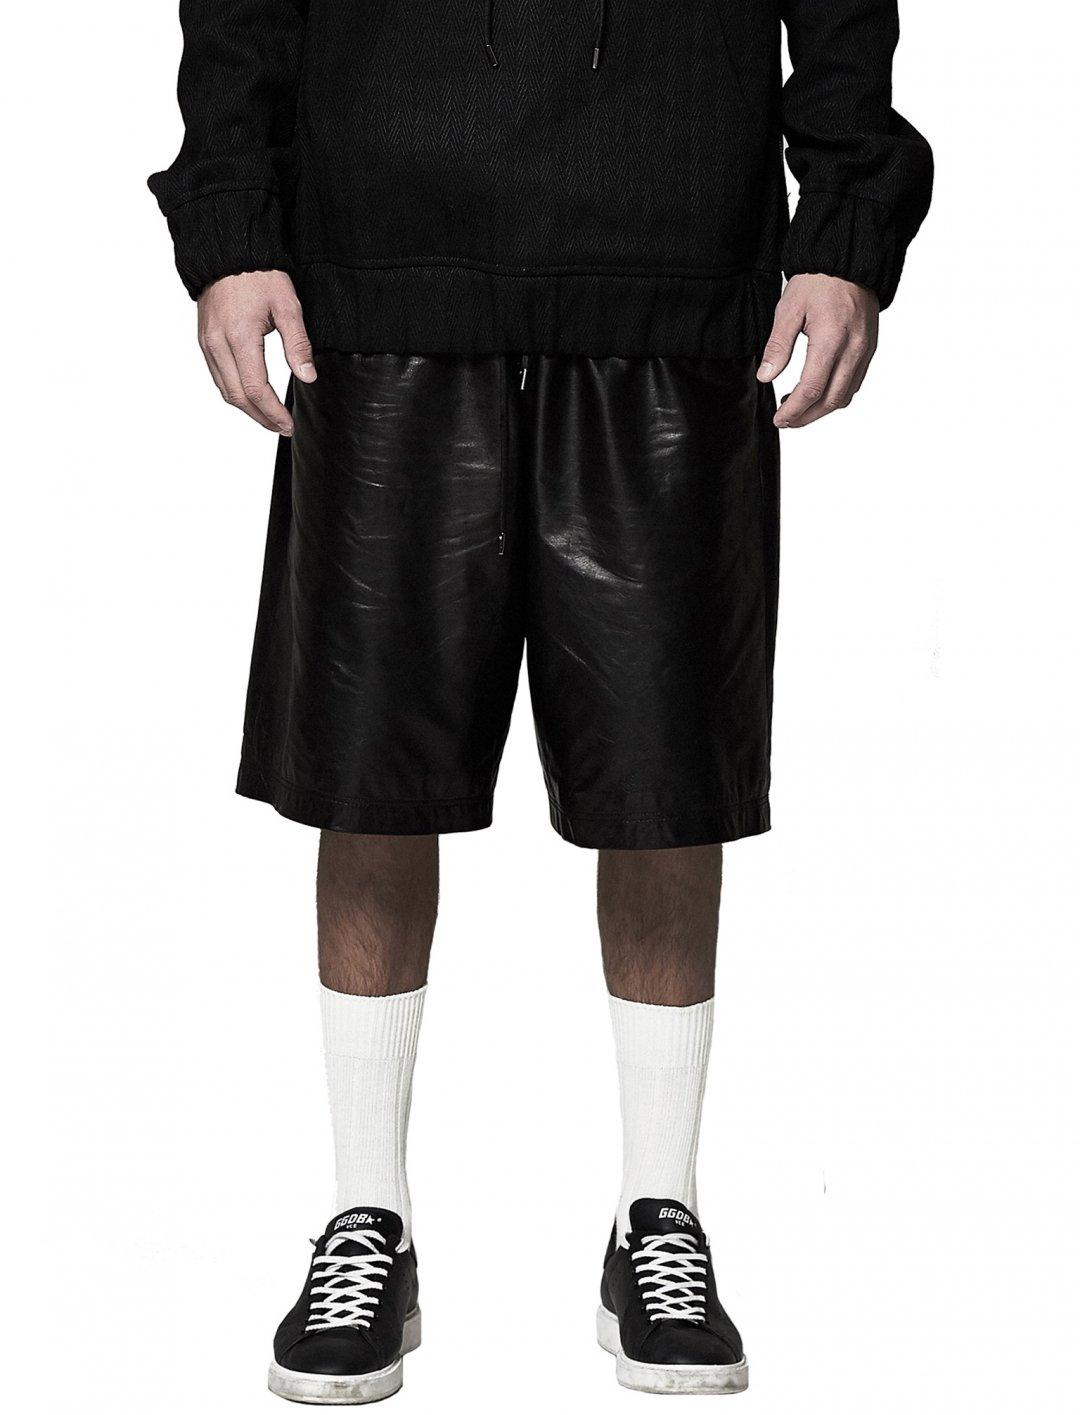 J LO's Lambskin Shorts Clothing Camouflaged